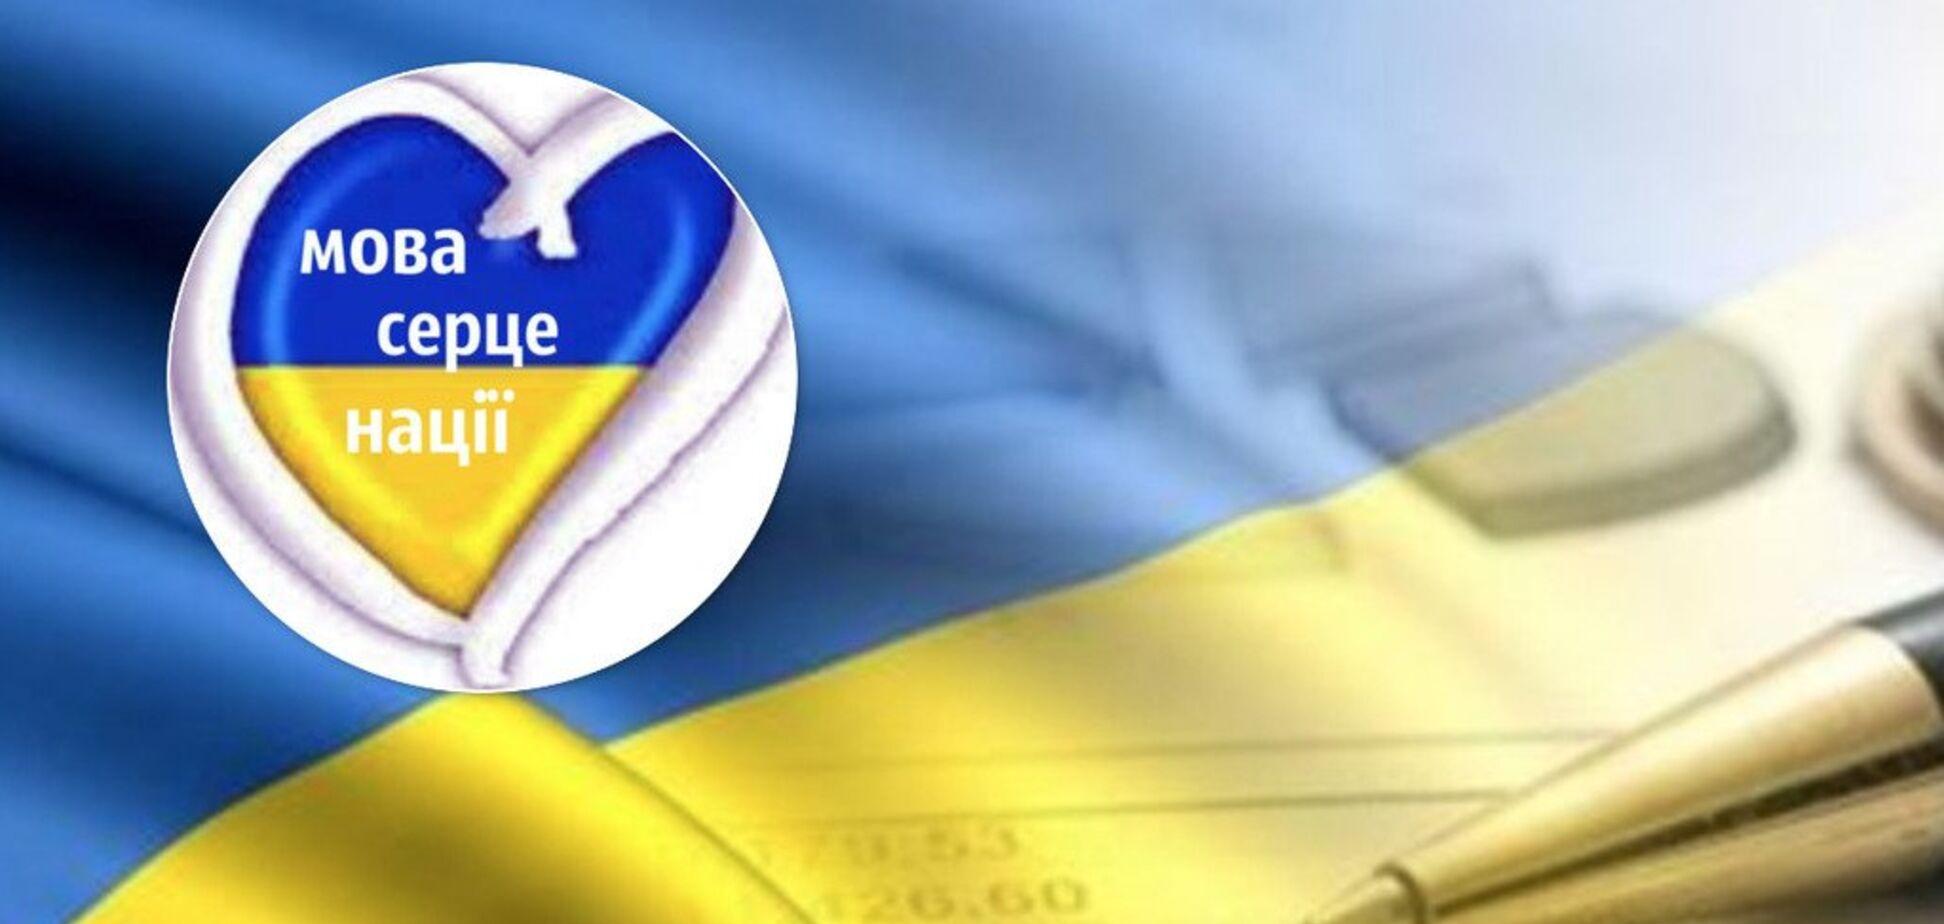 Історичний закон про українську мову ухвалений: хто із зірок його підтримав